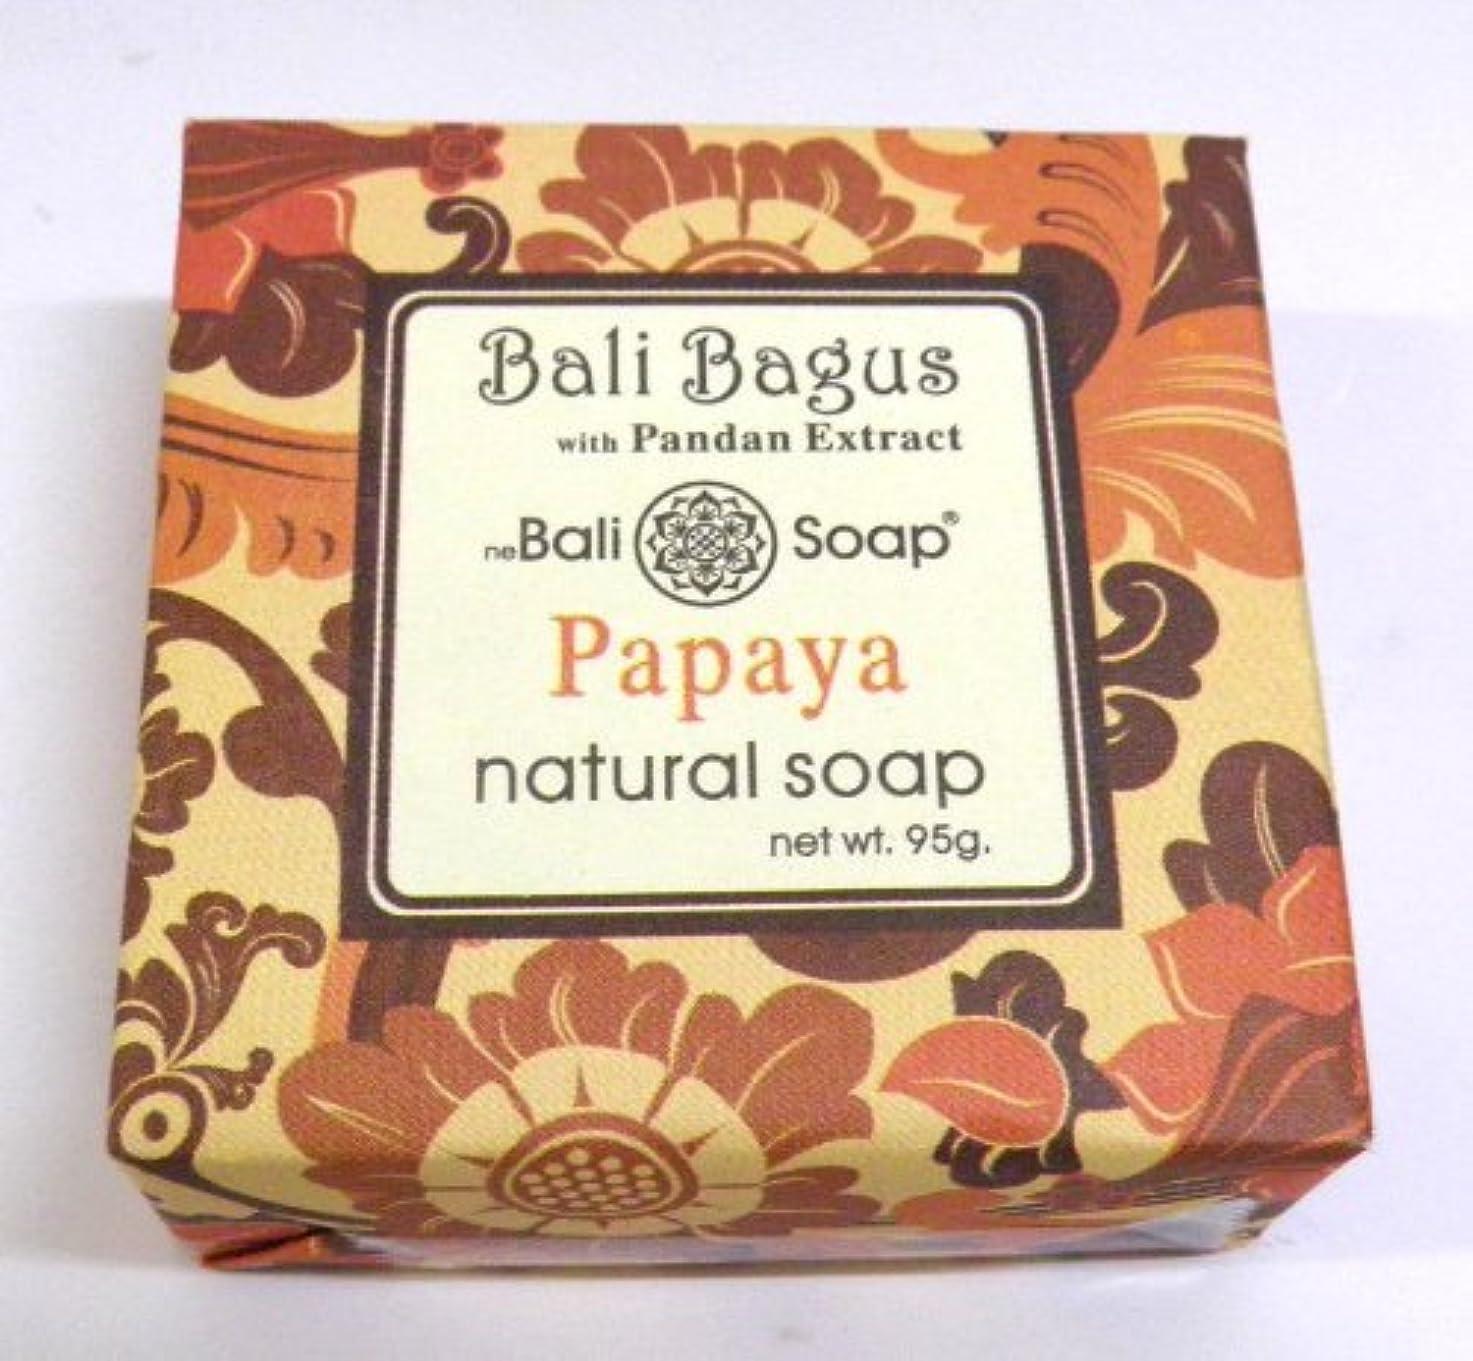 上に築きます大きなスケールで見ると祭りBali Bagus バリナチュラルソープ (Papaya パパイヤ)